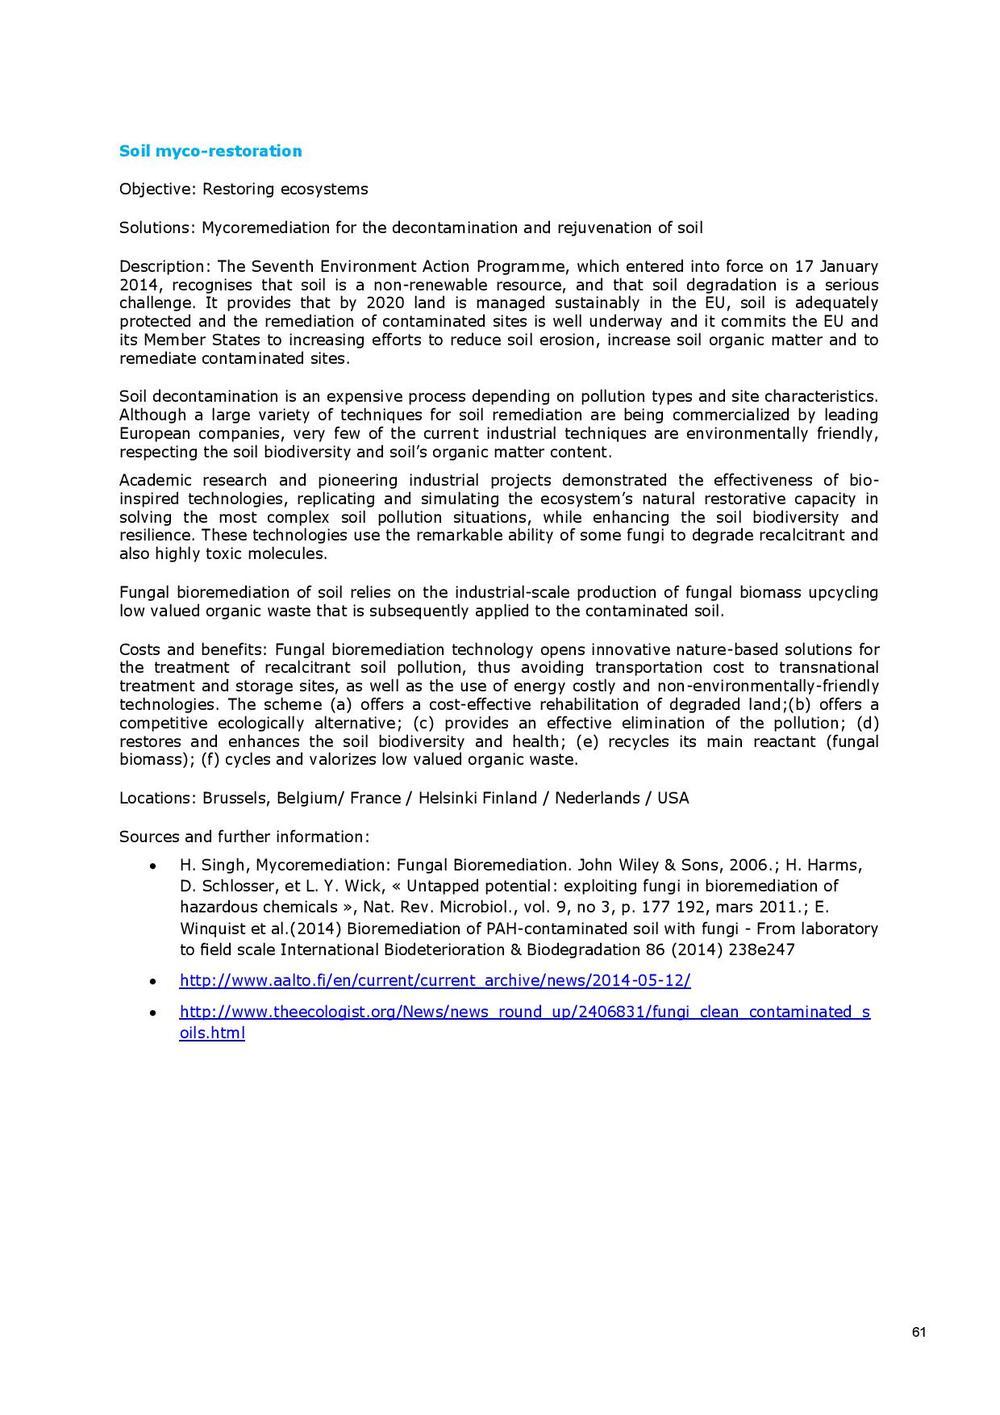 DG RTD_WEB-Publication A4_NBS_long_version_20150310-page-063.jpg